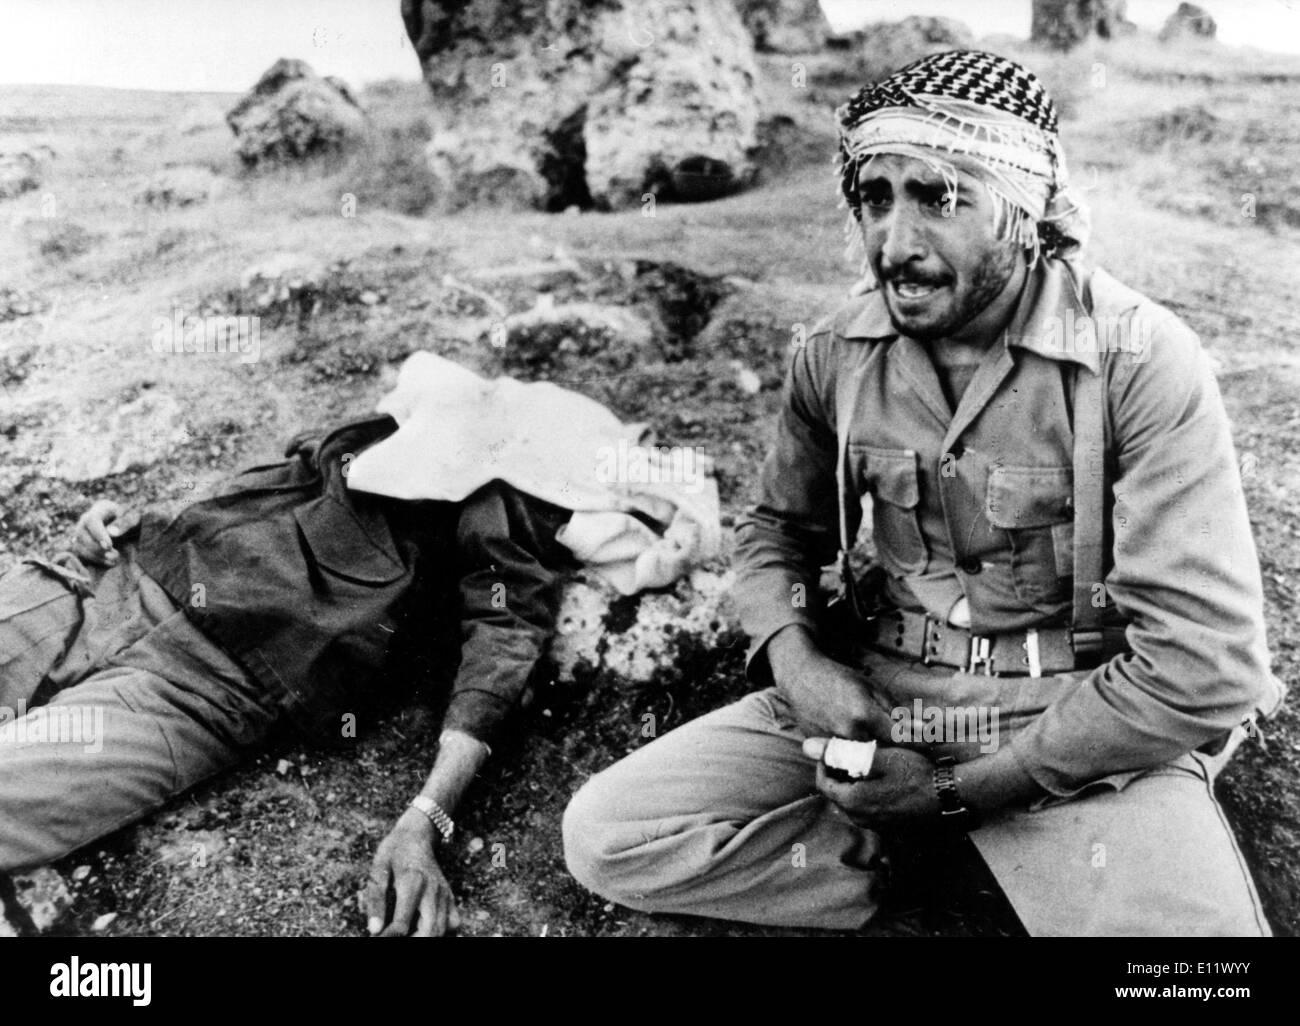 5087913 (900324) Krieg - Iran - Irak, ein iranischer Soldat betrauert seinen toten Bruder, September - Oktober 1980. 'Jede - Stock Image